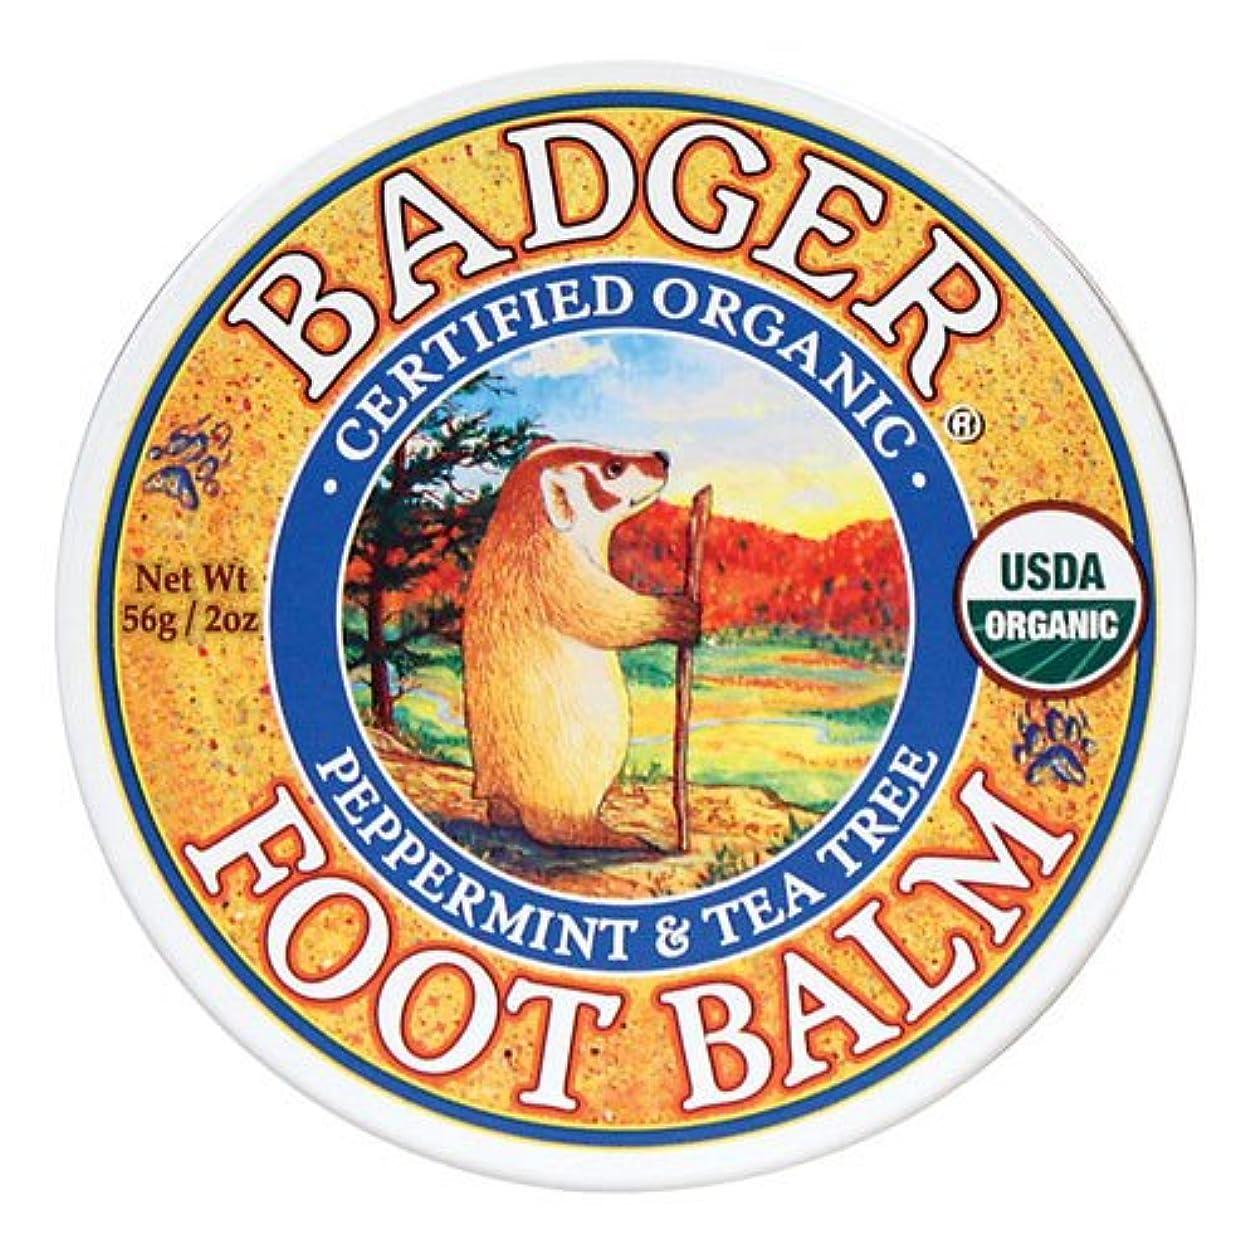 後方季節シングルBadger バジャー オーガニックフットクリーム ペパーミント & ティーツリー 56g【海外直送品】【並行輸入品】